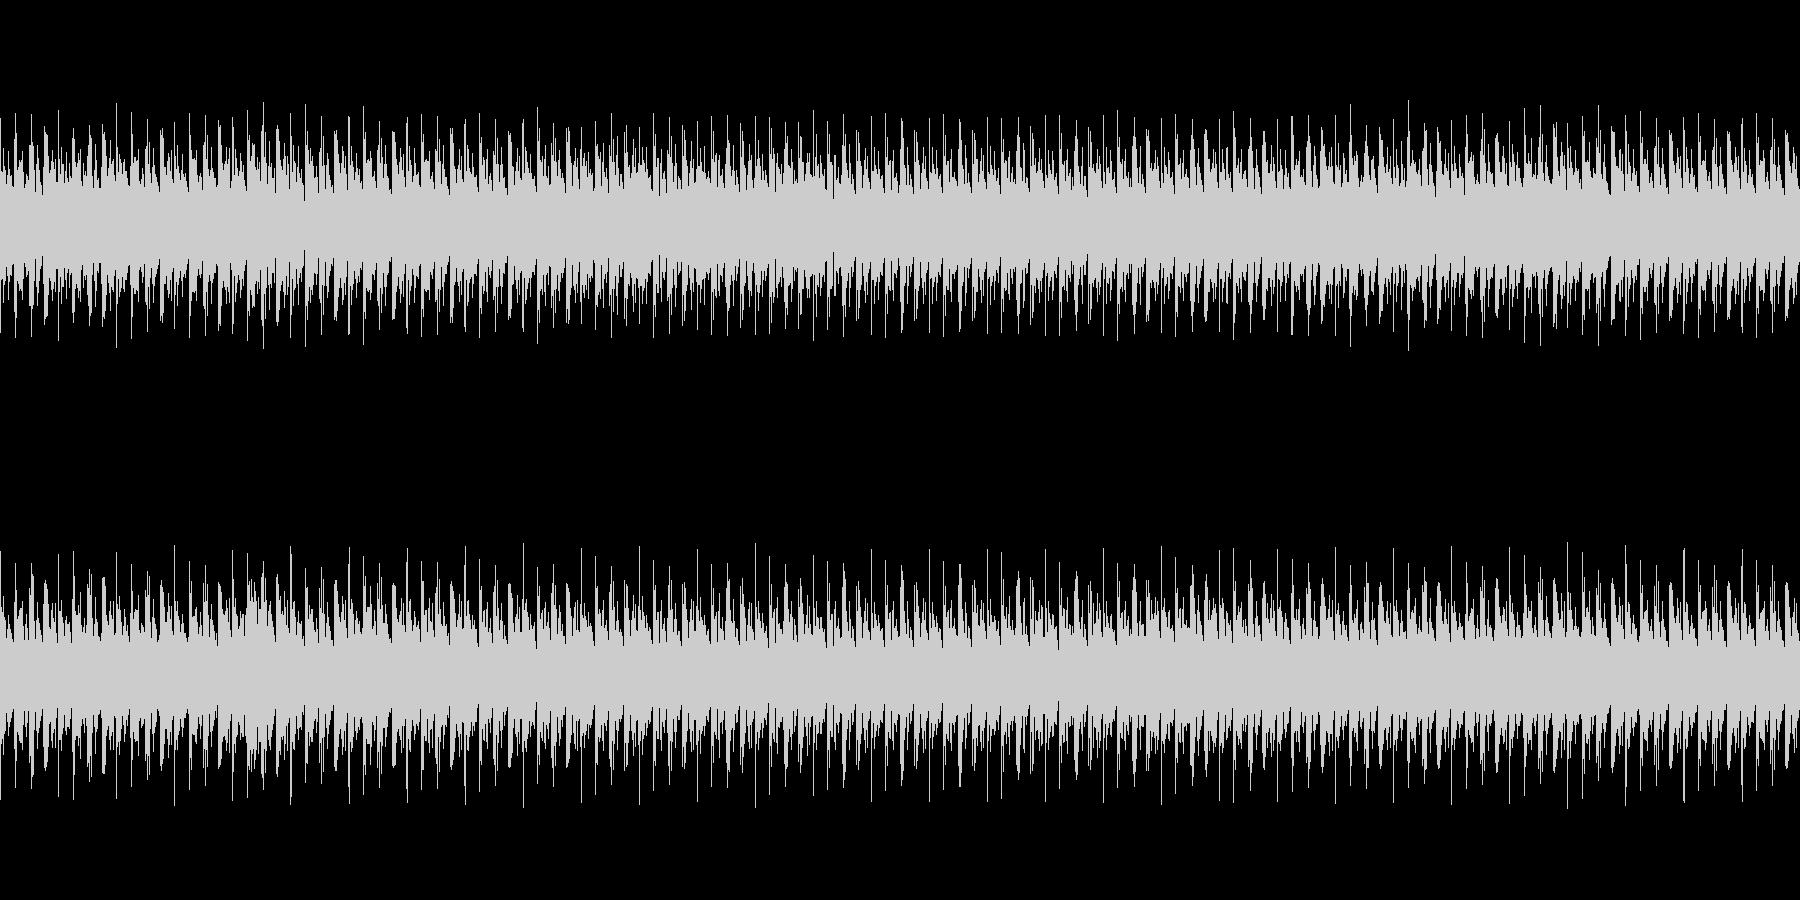 不気味な空間(鼓動)(心音)の未再生の波形